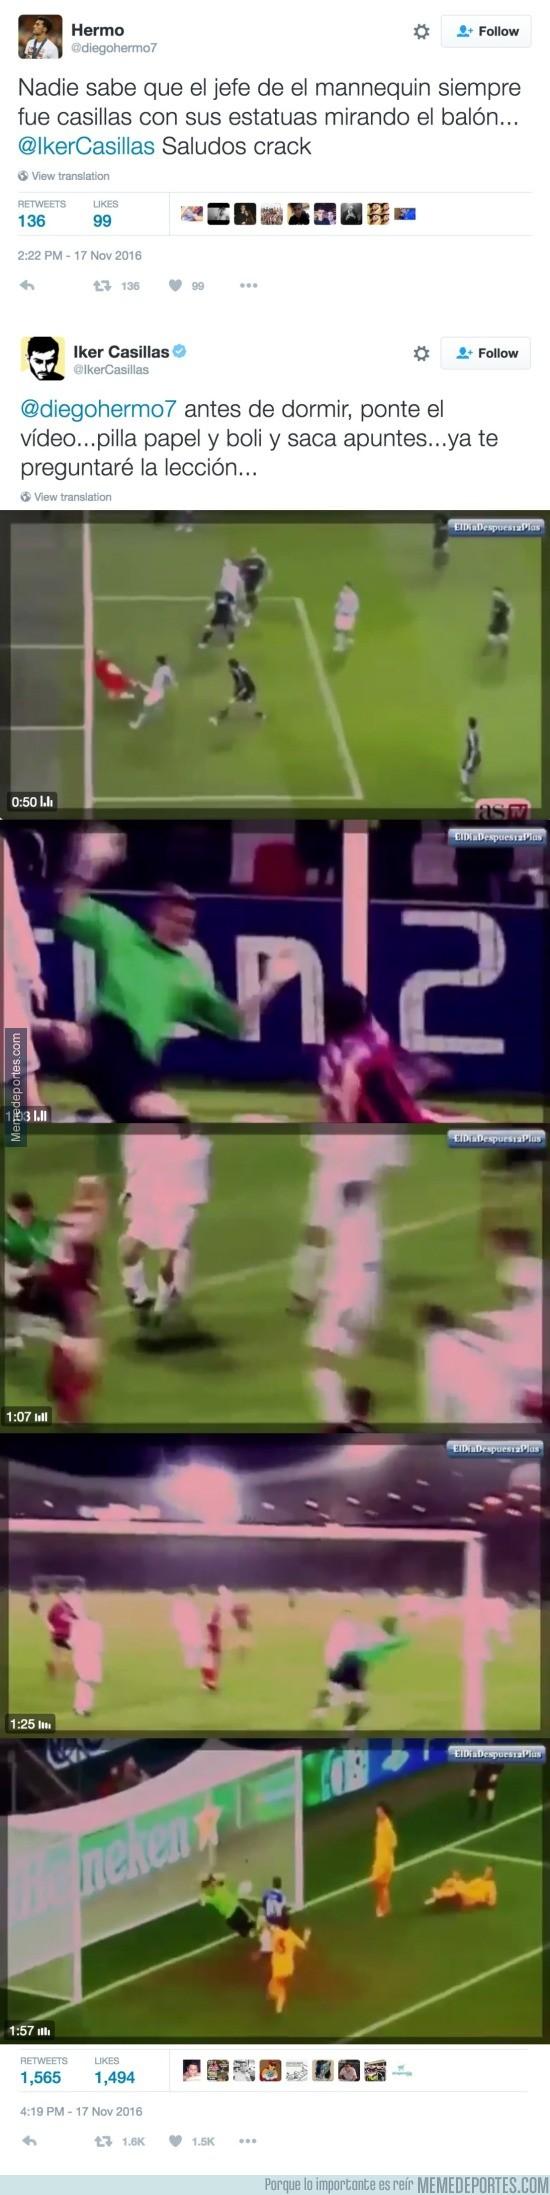 925402 - La callada de boca de Casillas a un tuitero tras reírse diciendo que era el creador del Mannequin